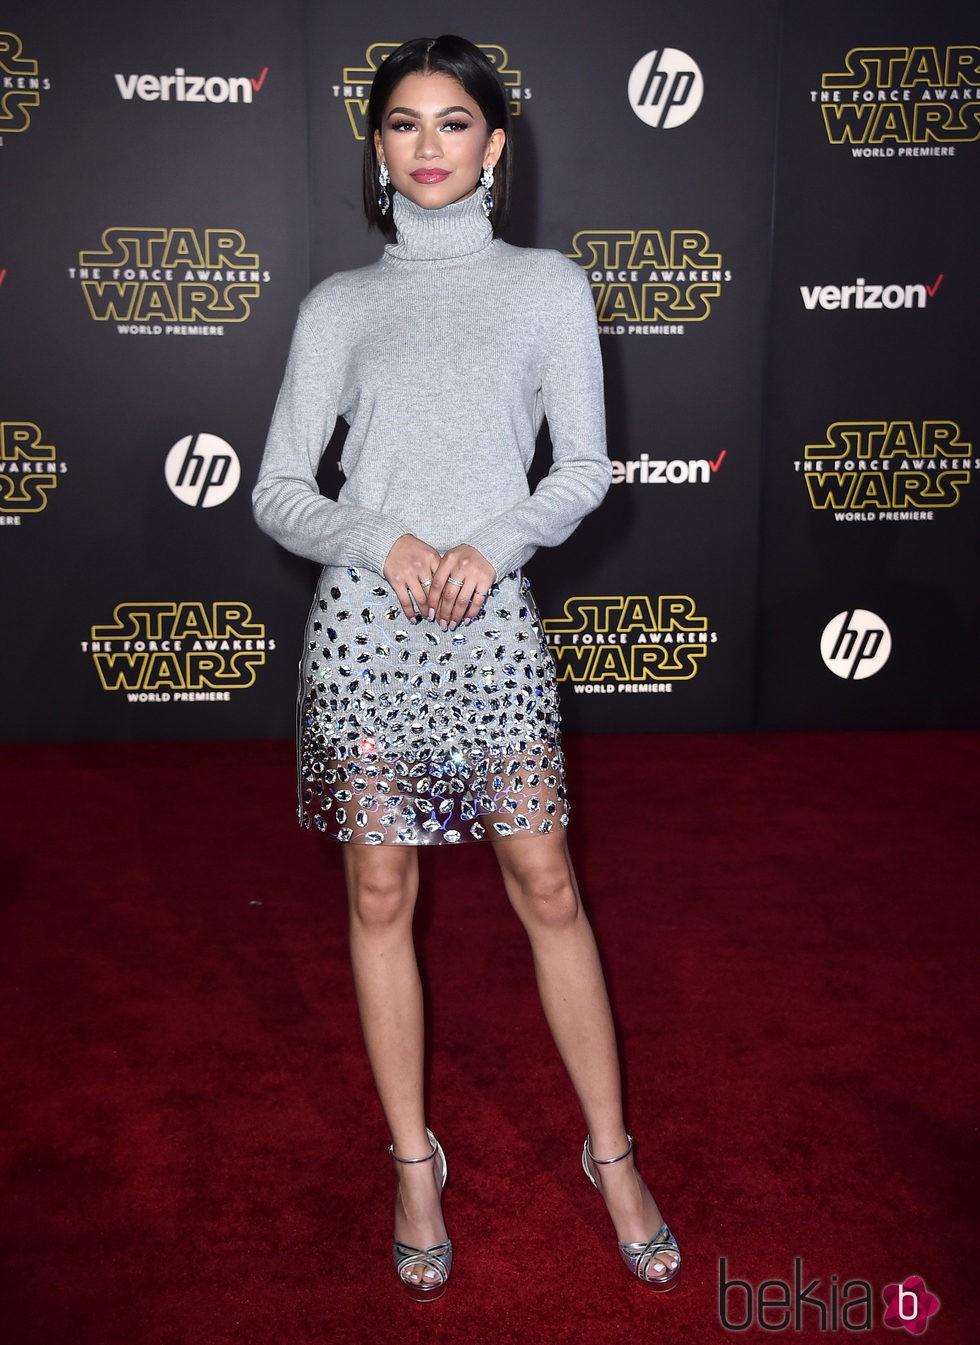 Zendaya en la premiere de 'Star Wars: El Despertar de la Fuerza' en Los Ángeles